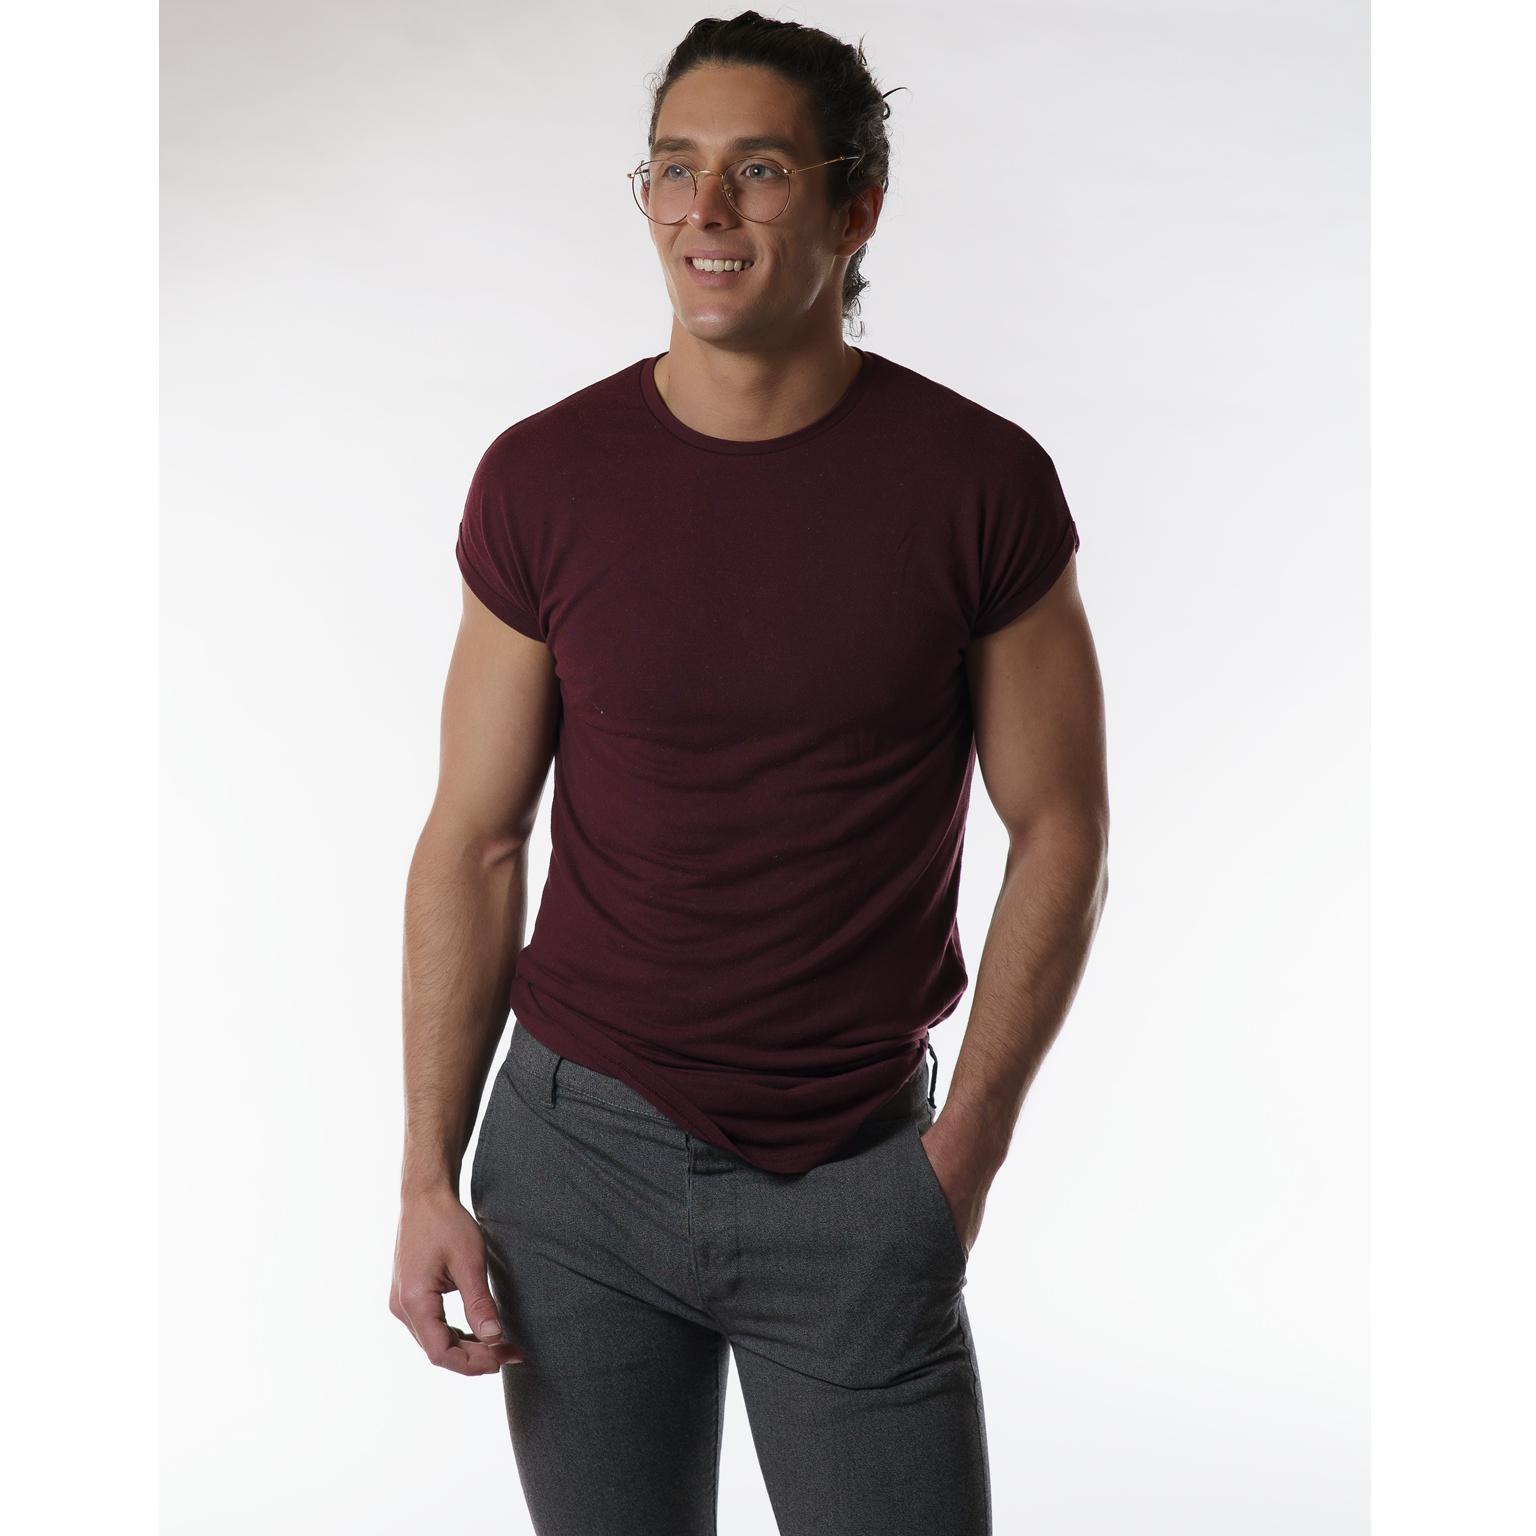 Toronto-Fitness-Model-Agency-Fitness-Casual-Commercial-Brad-Bedard-Fashion-Model-Male-Portrait-Casualwear